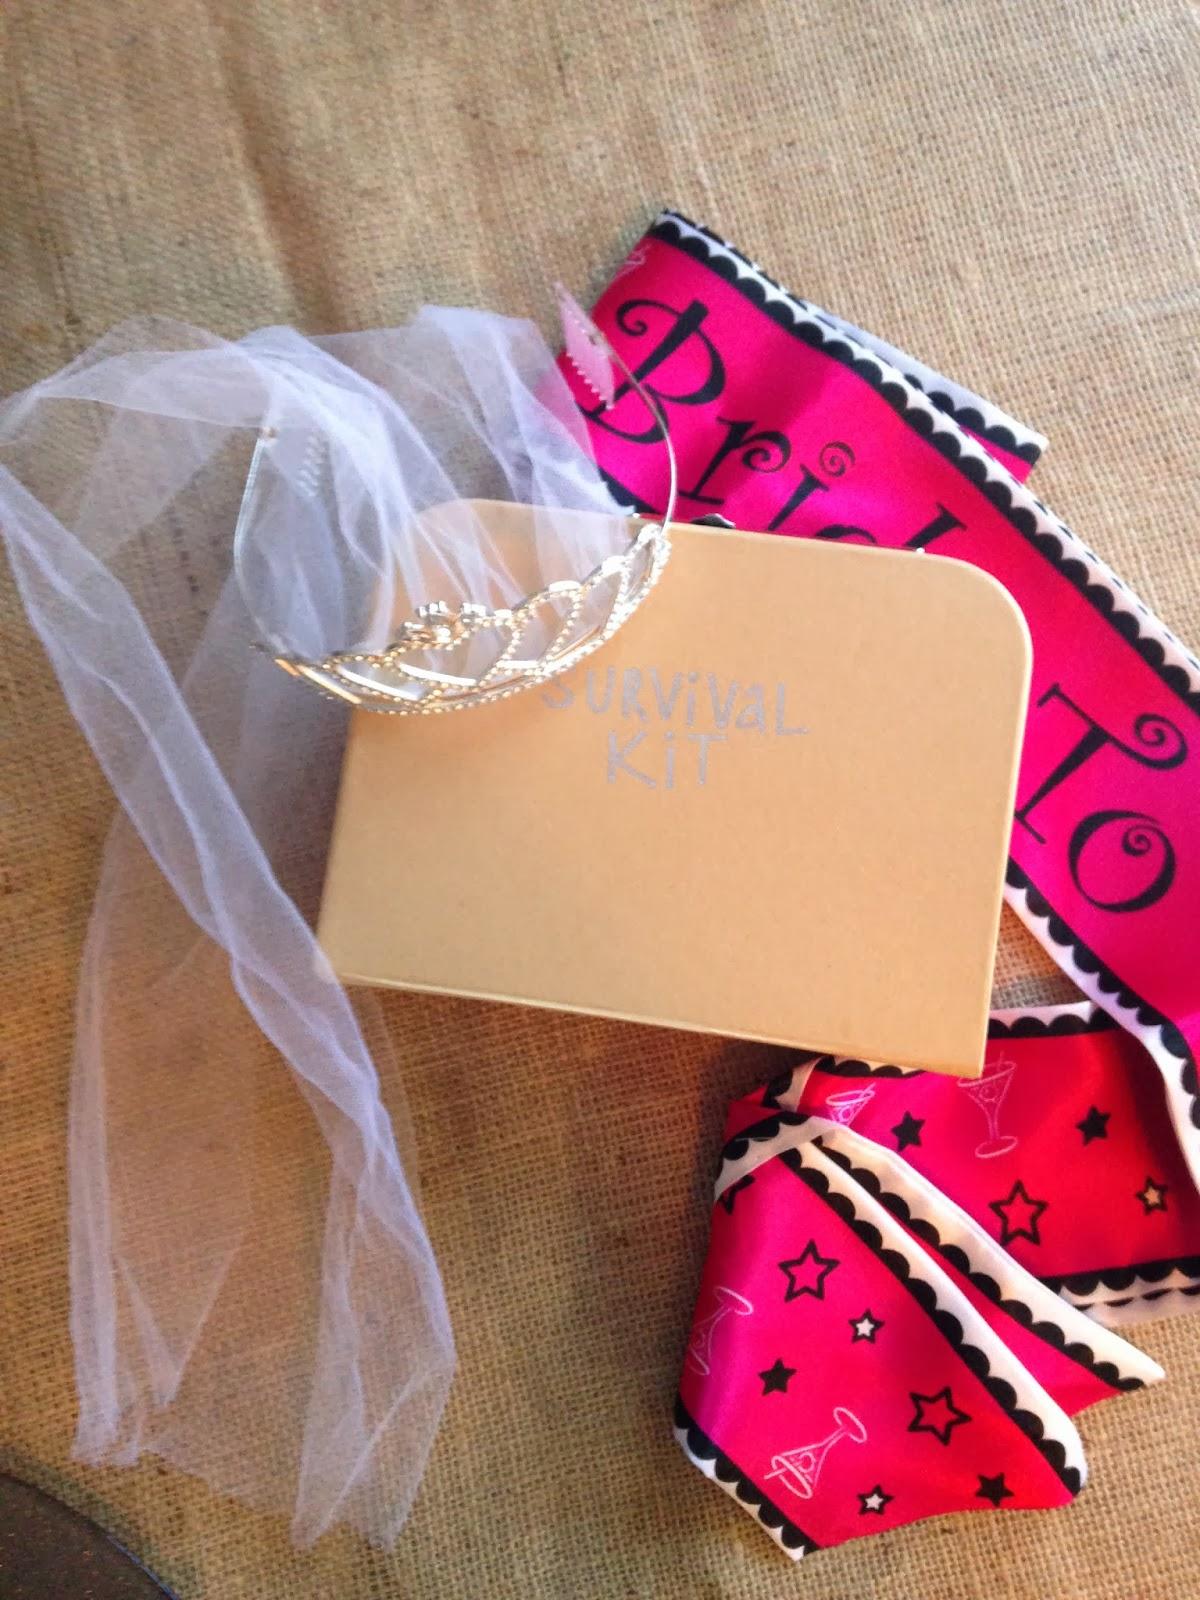 DIY Bachelorette Party Survival Pack